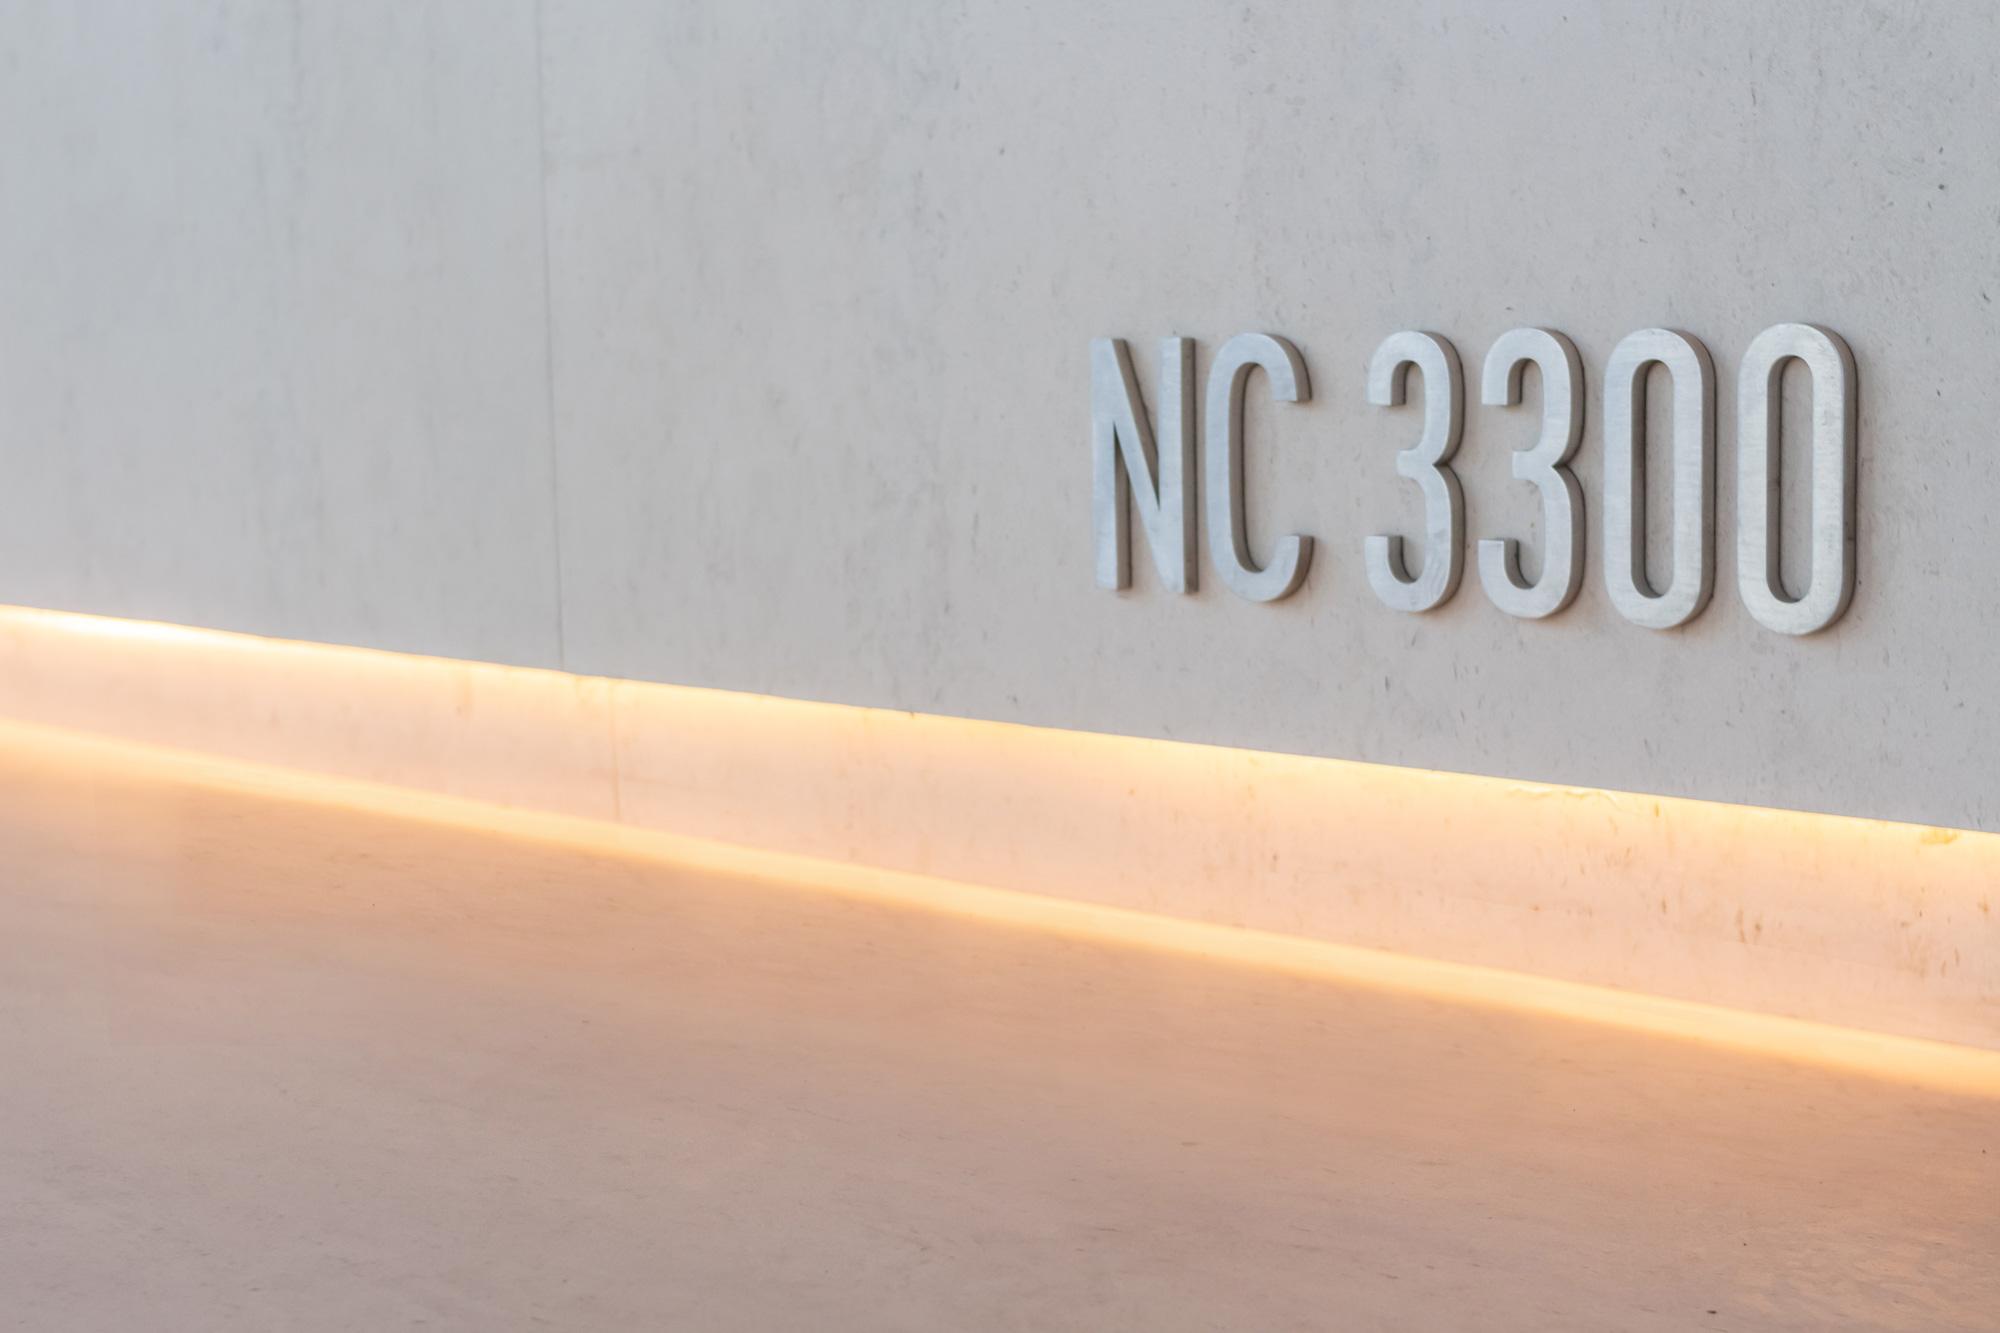 NC3300  - NC3300 4 46